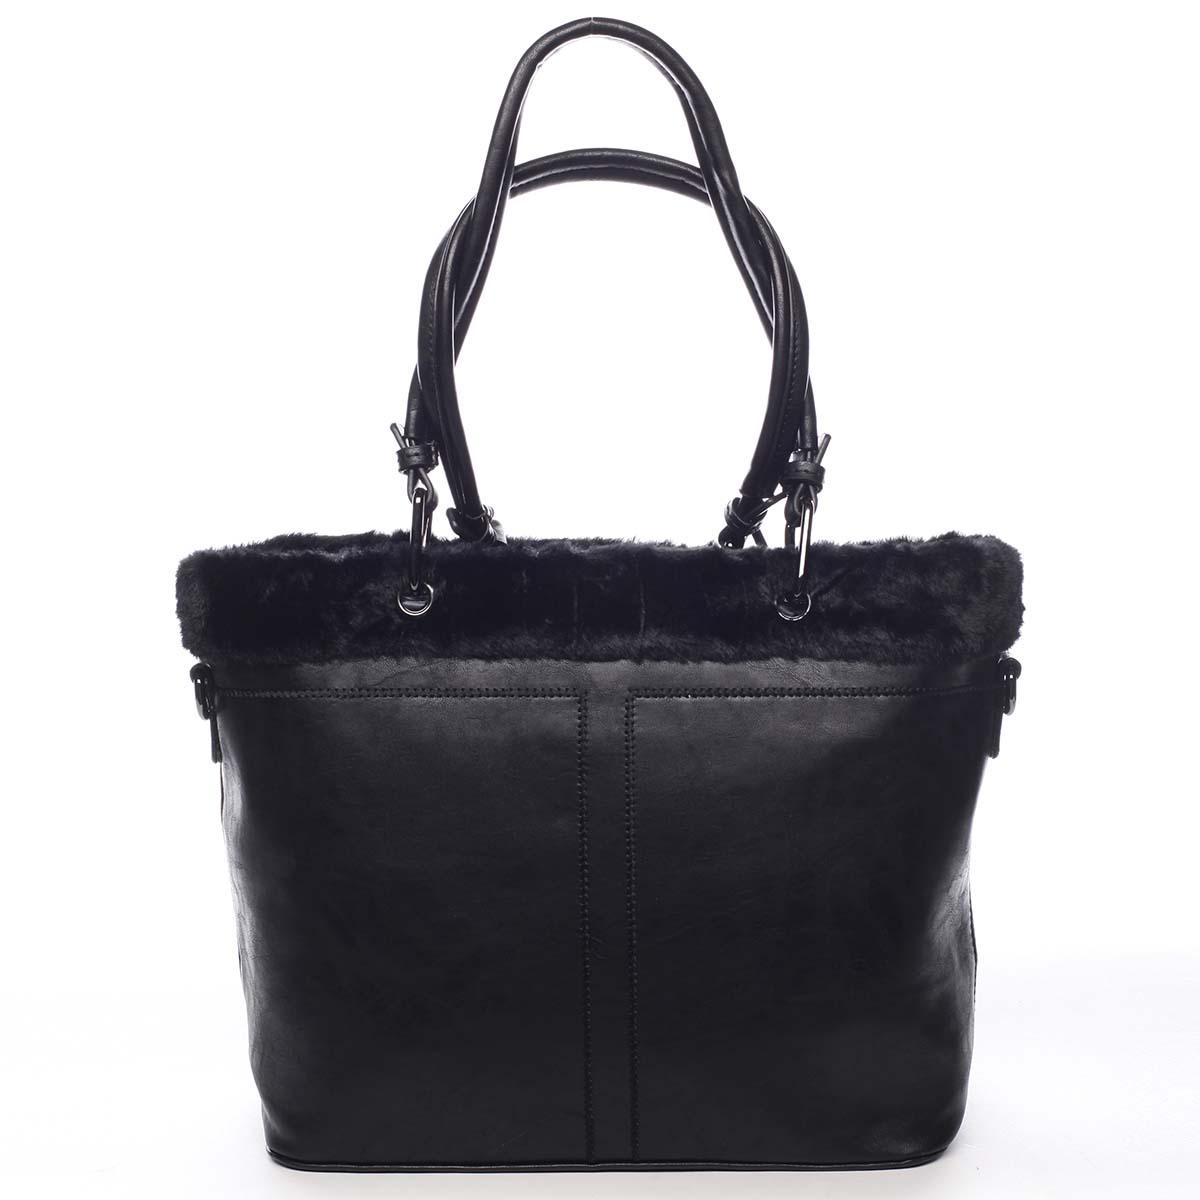 Dámska kabelka cez plece čierna - Maria C Lyra čierna